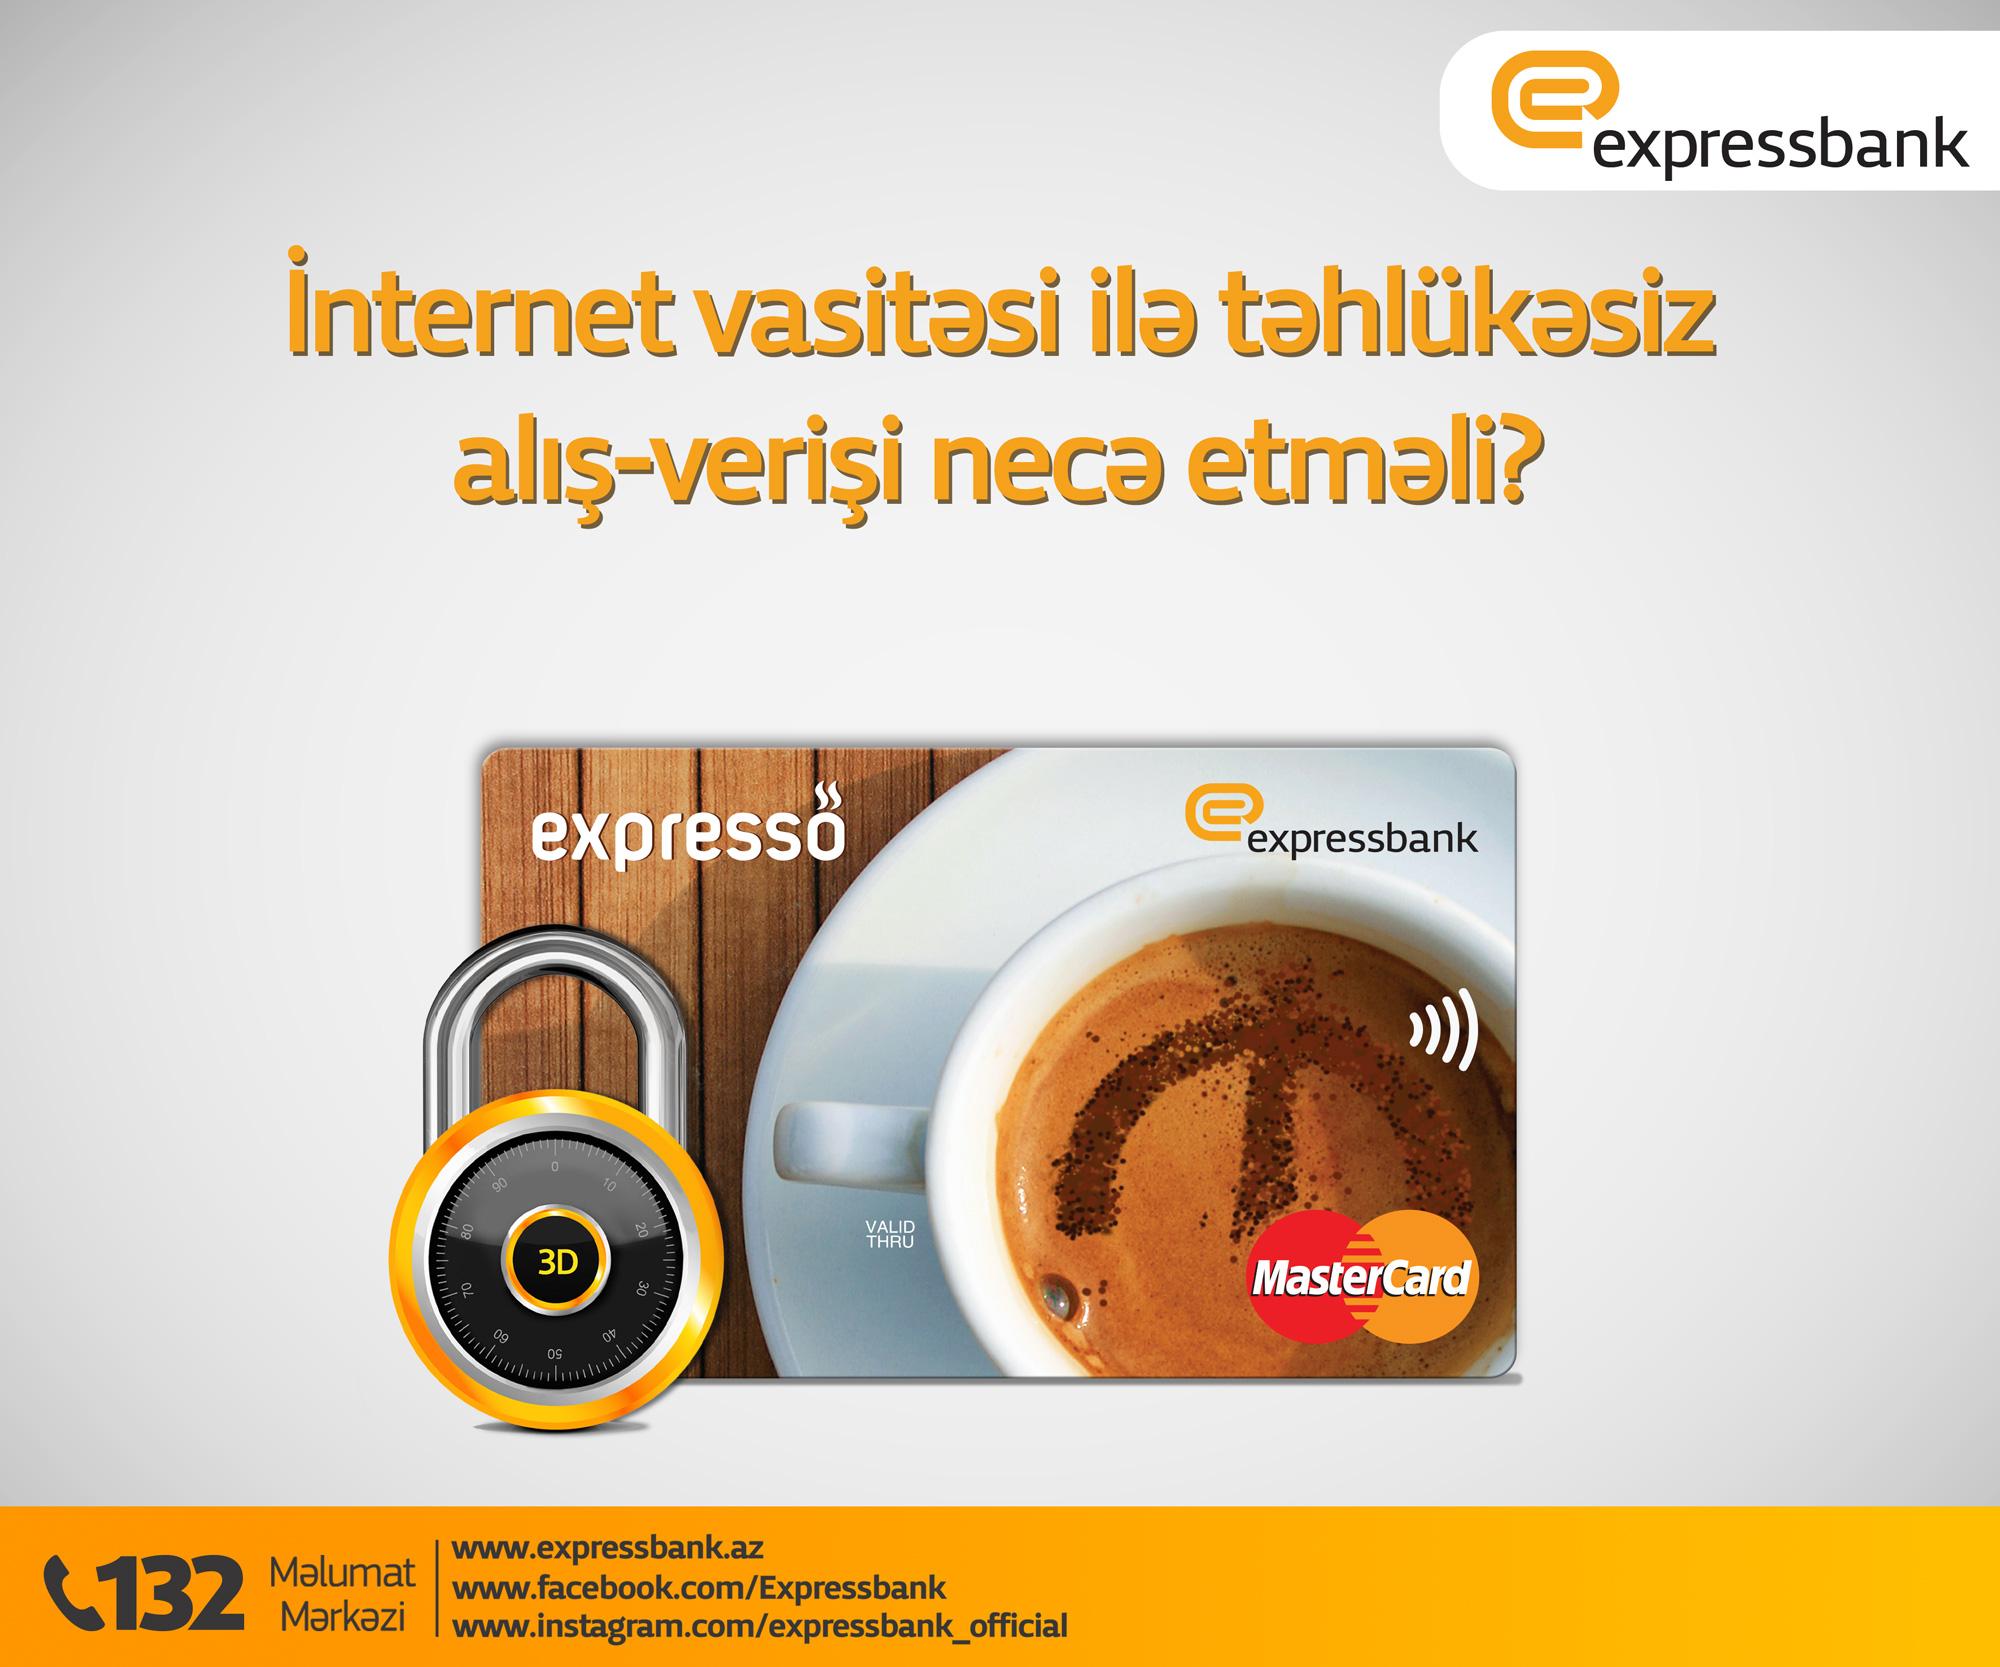 İnternet vasitəsi ilə təhlükəsiz alış-verişi necə etməli?